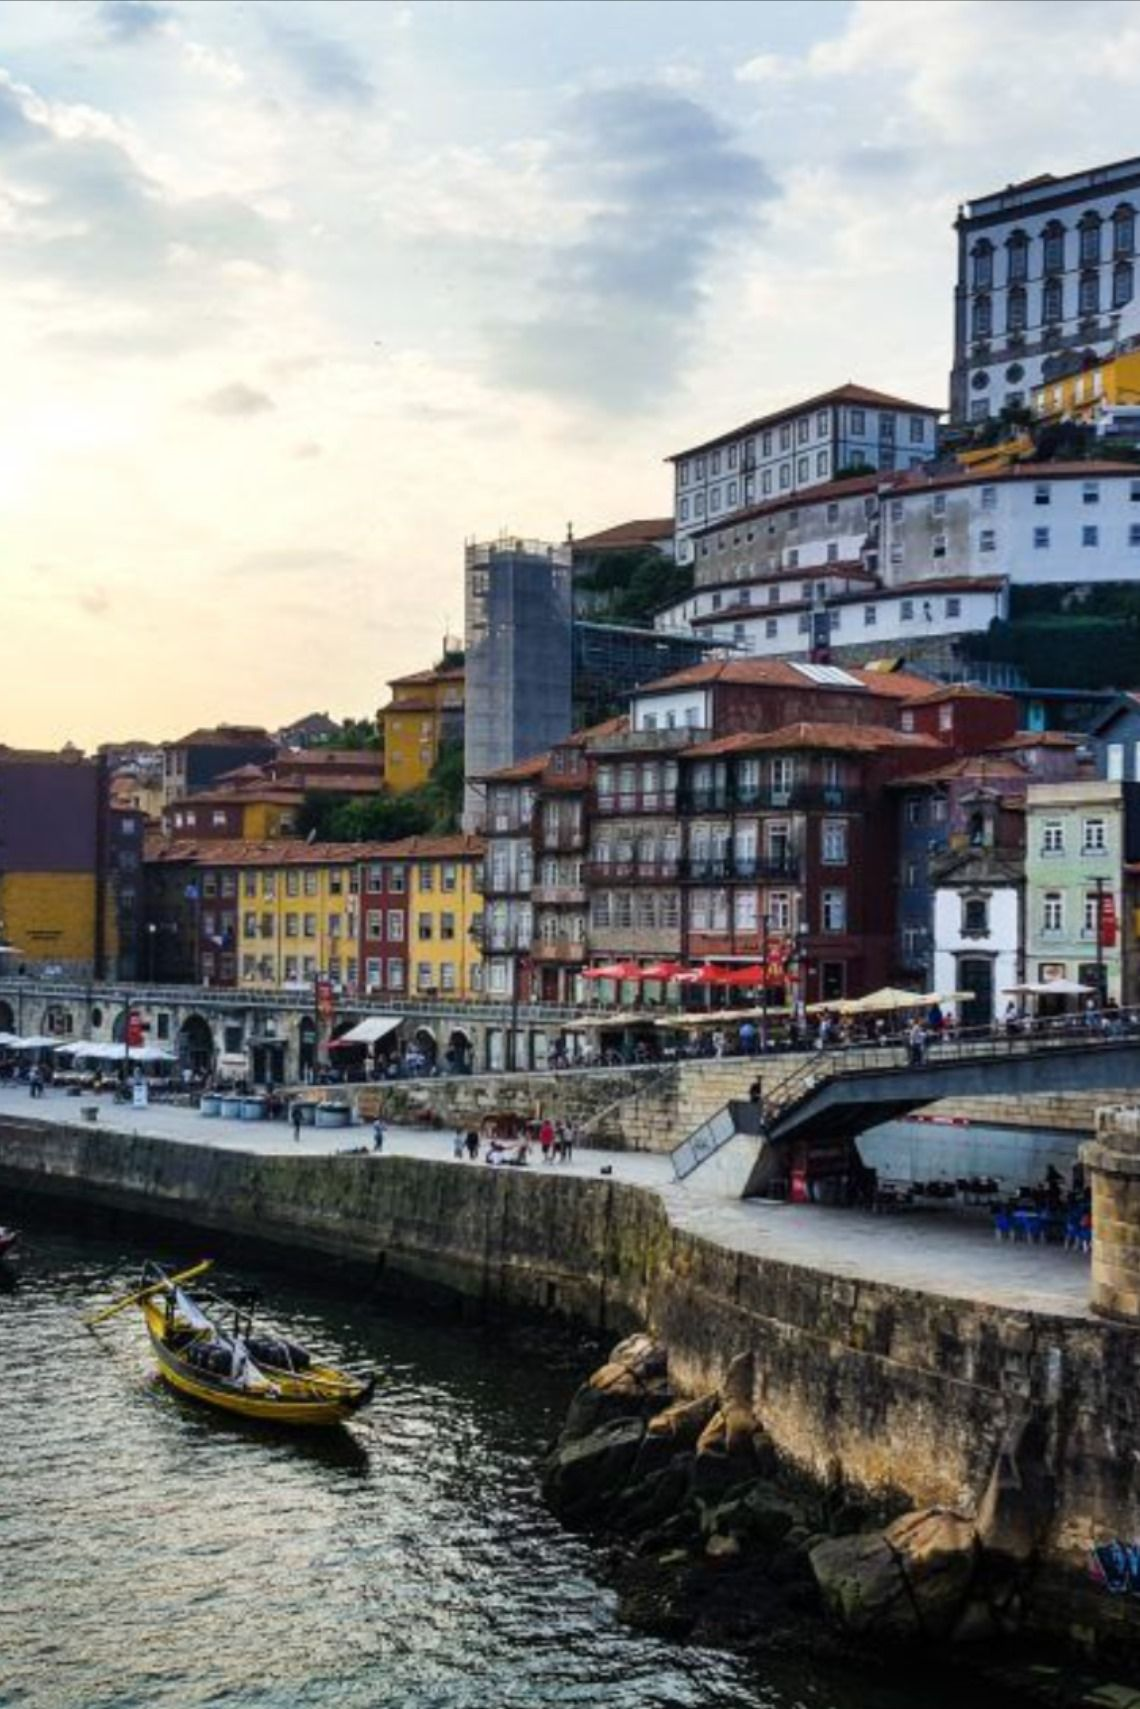 Una de las zonas más bonitas y concurridas de Oporto: su Ribeira